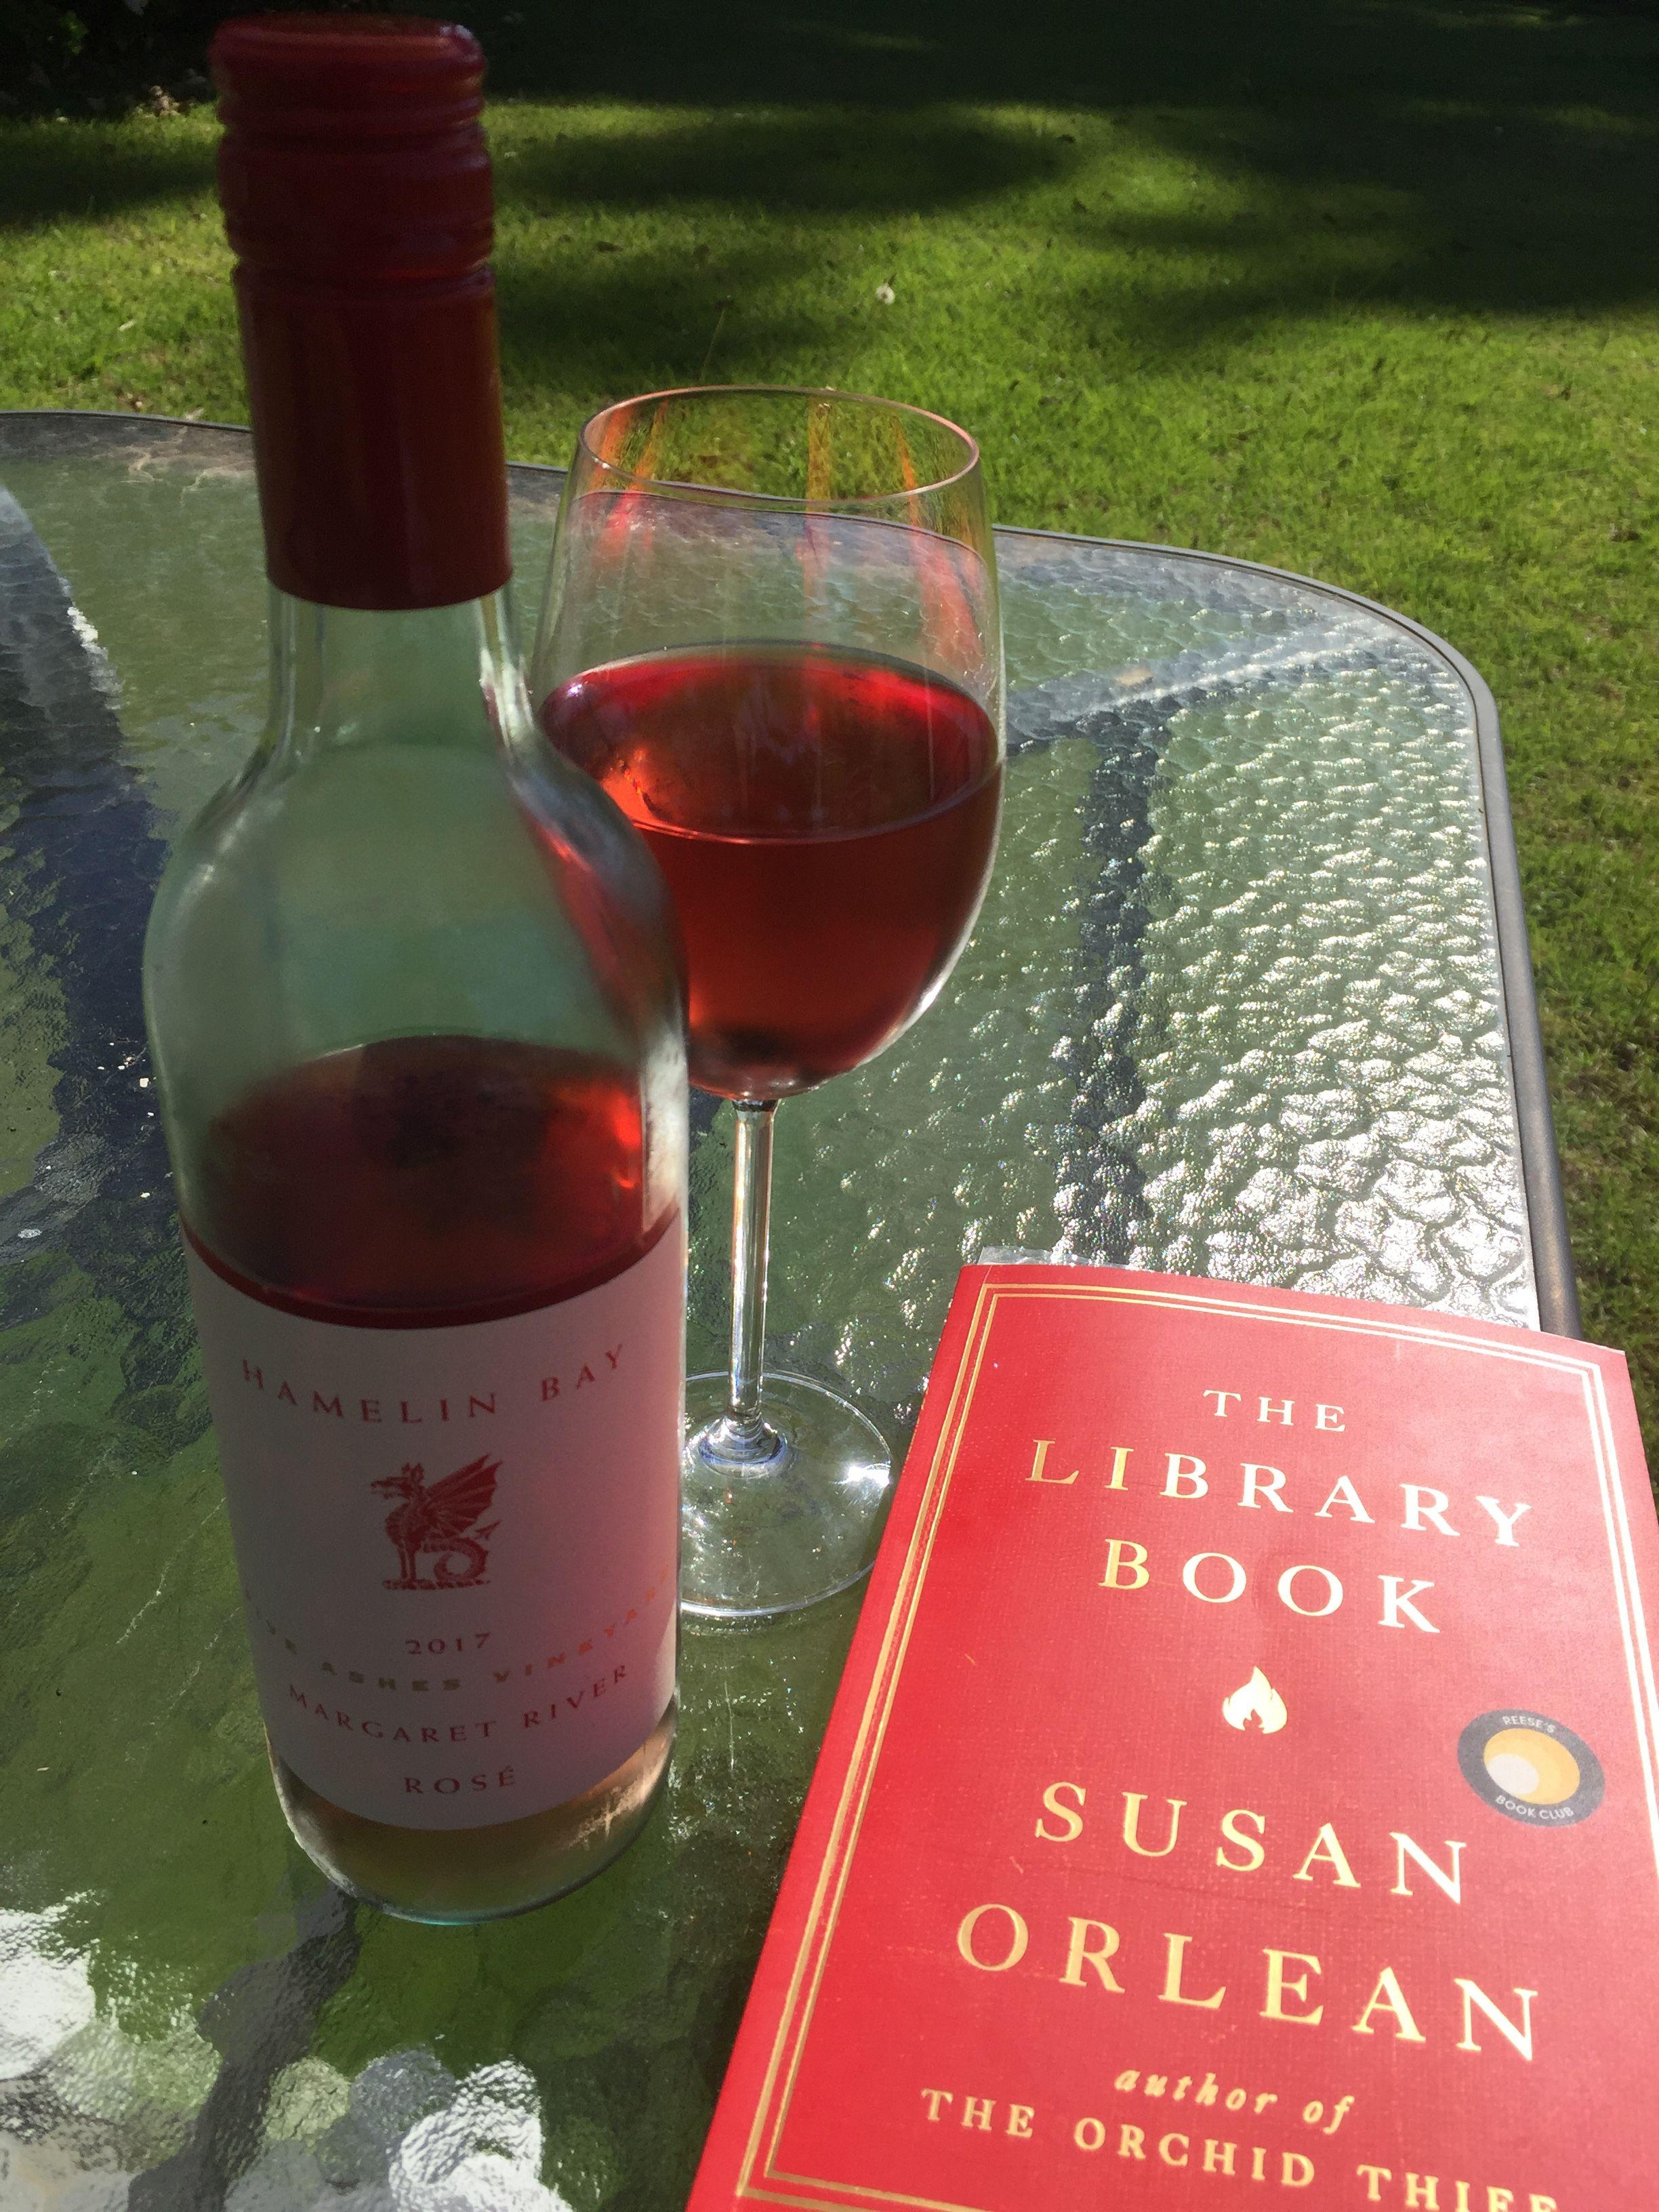 Pin By Lorraine Mcdonald On Wine Shots Wine Bottle Alcoholic Drinks Rose Wine Bottle